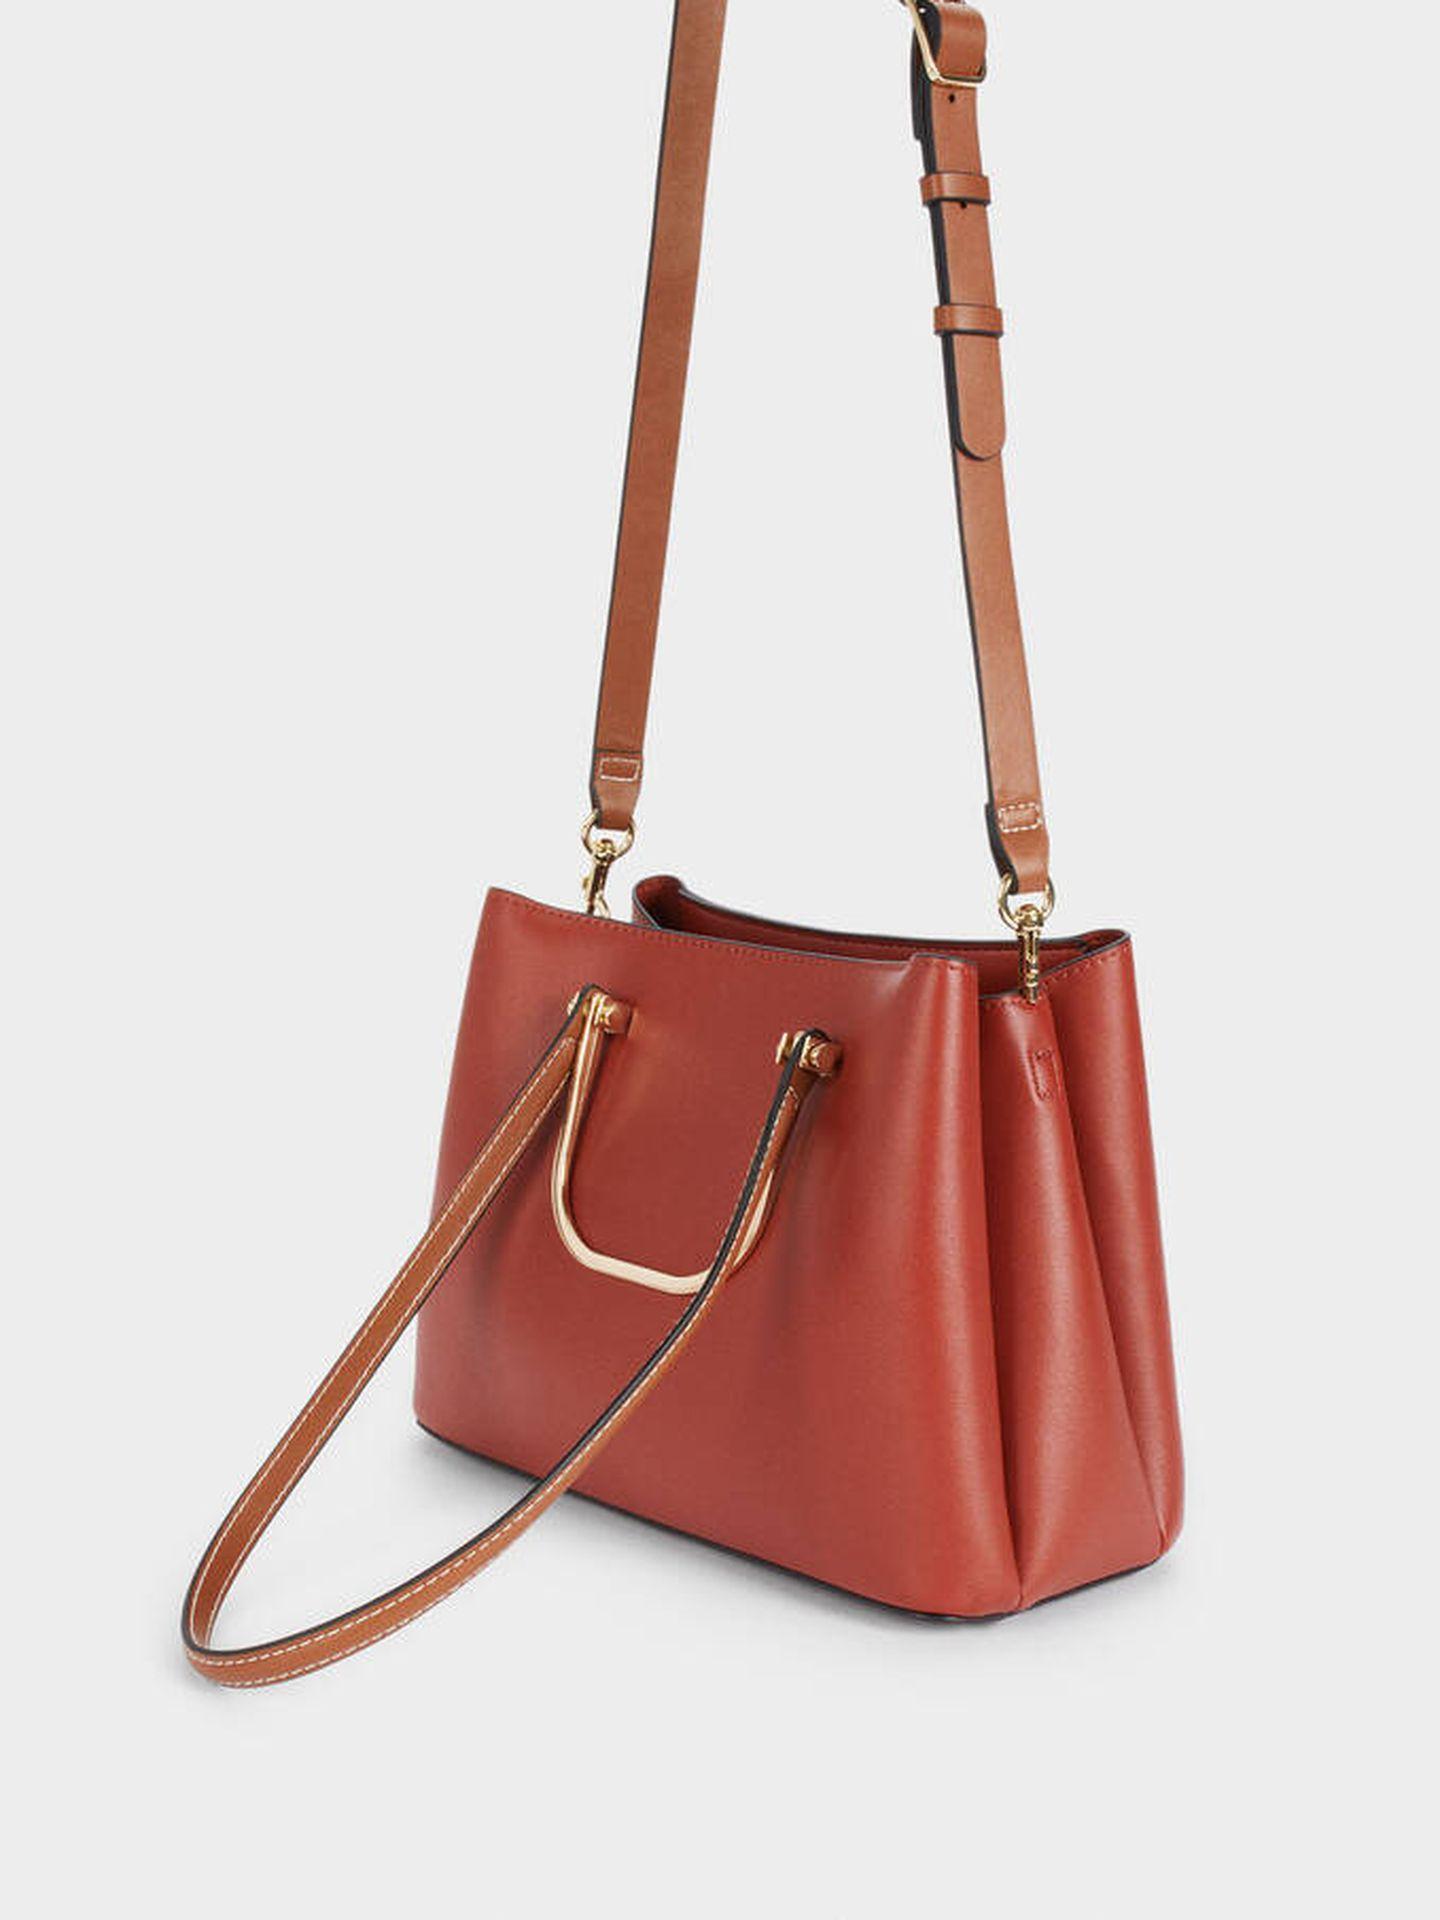 El nuevo bolso de Parfois en color teja. (Cortesía)